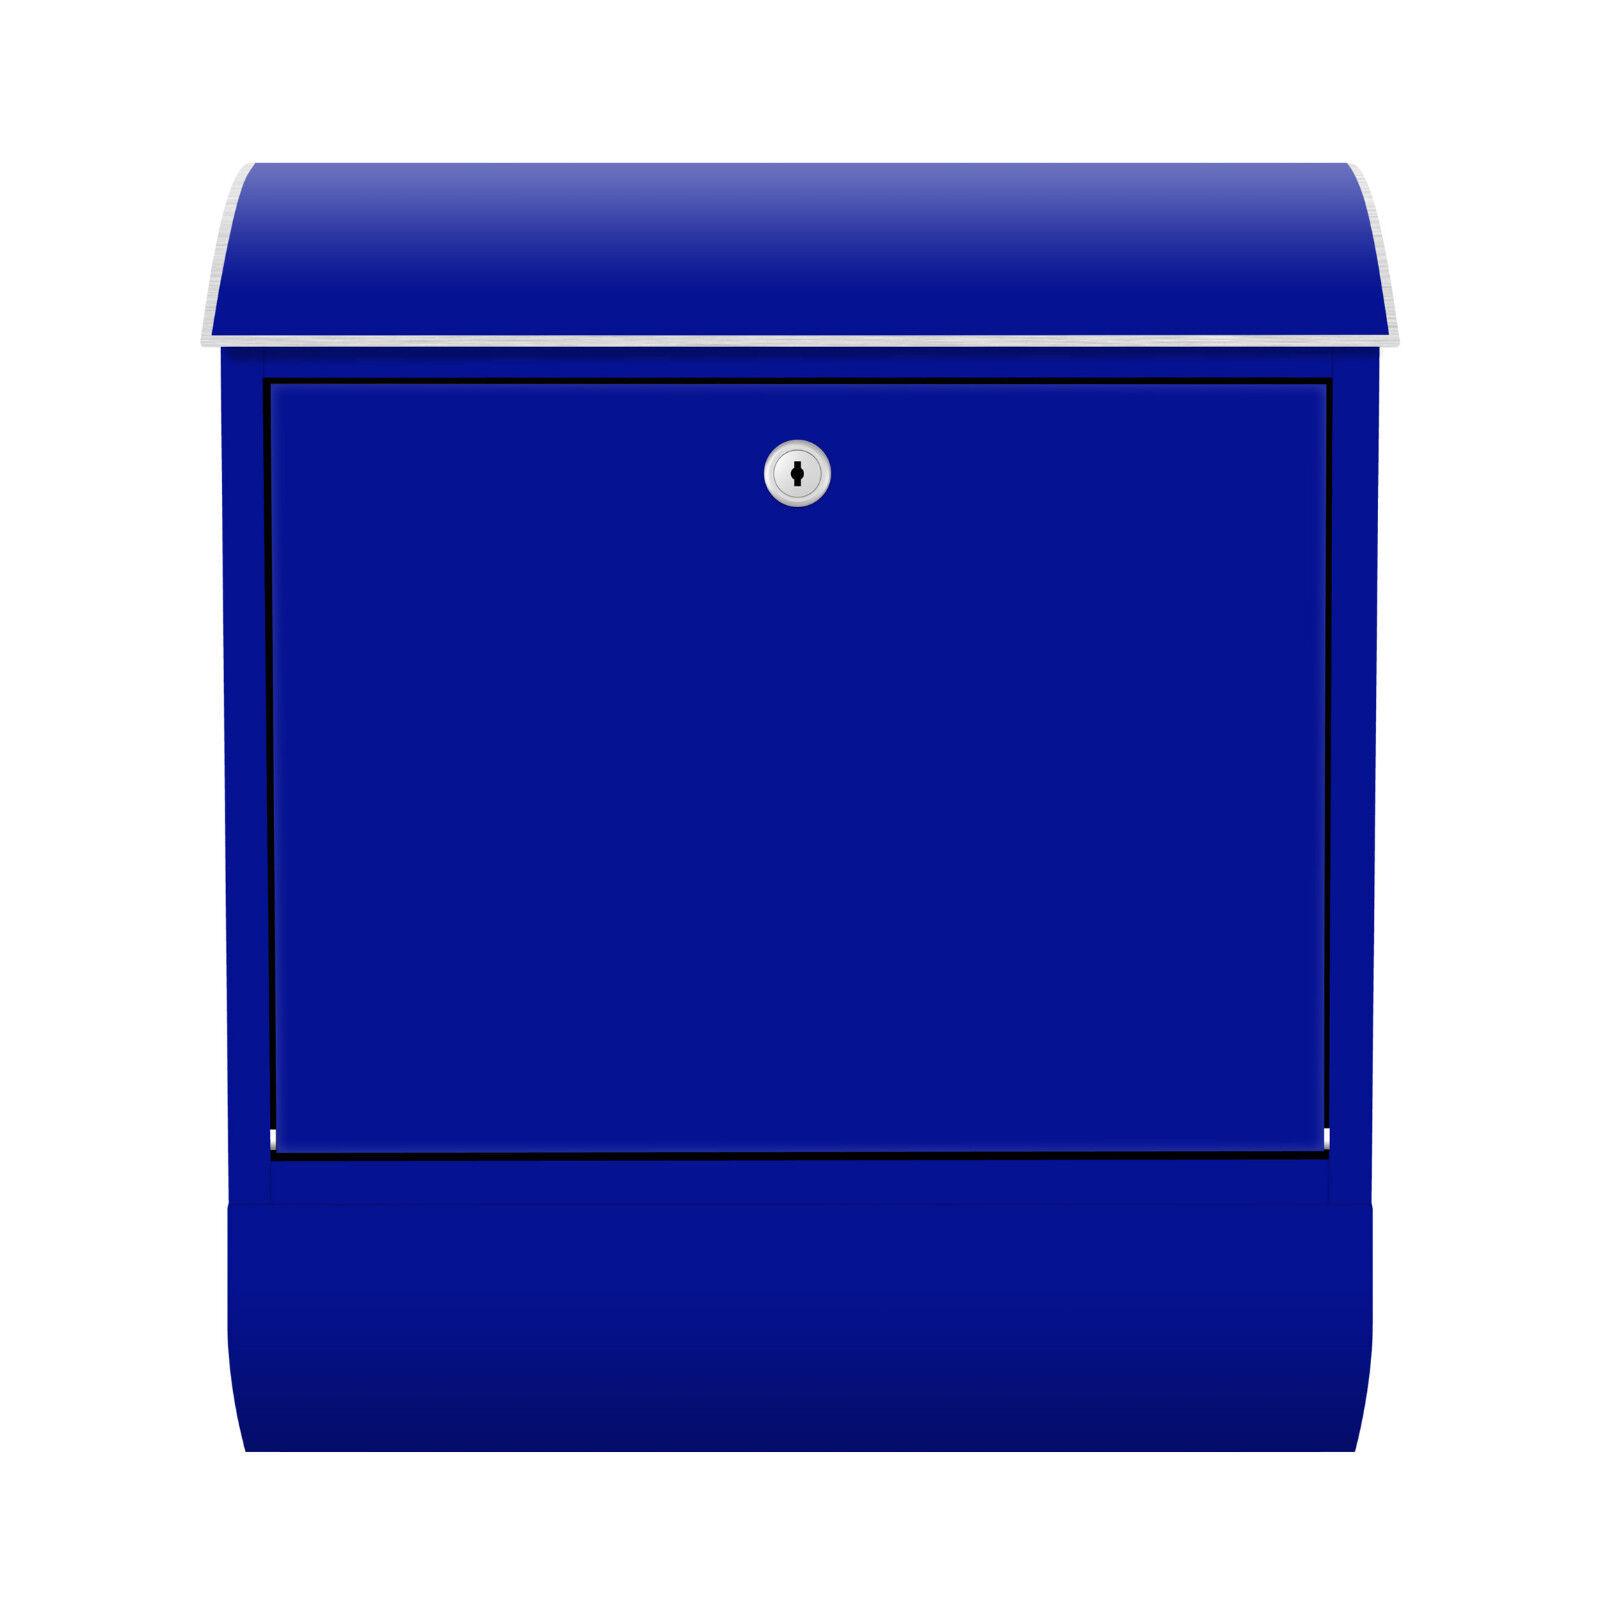 Design Briefkasten Zeitungsfach Blau Farbe Bunt Abstrakt Retro Brief Himmel Box